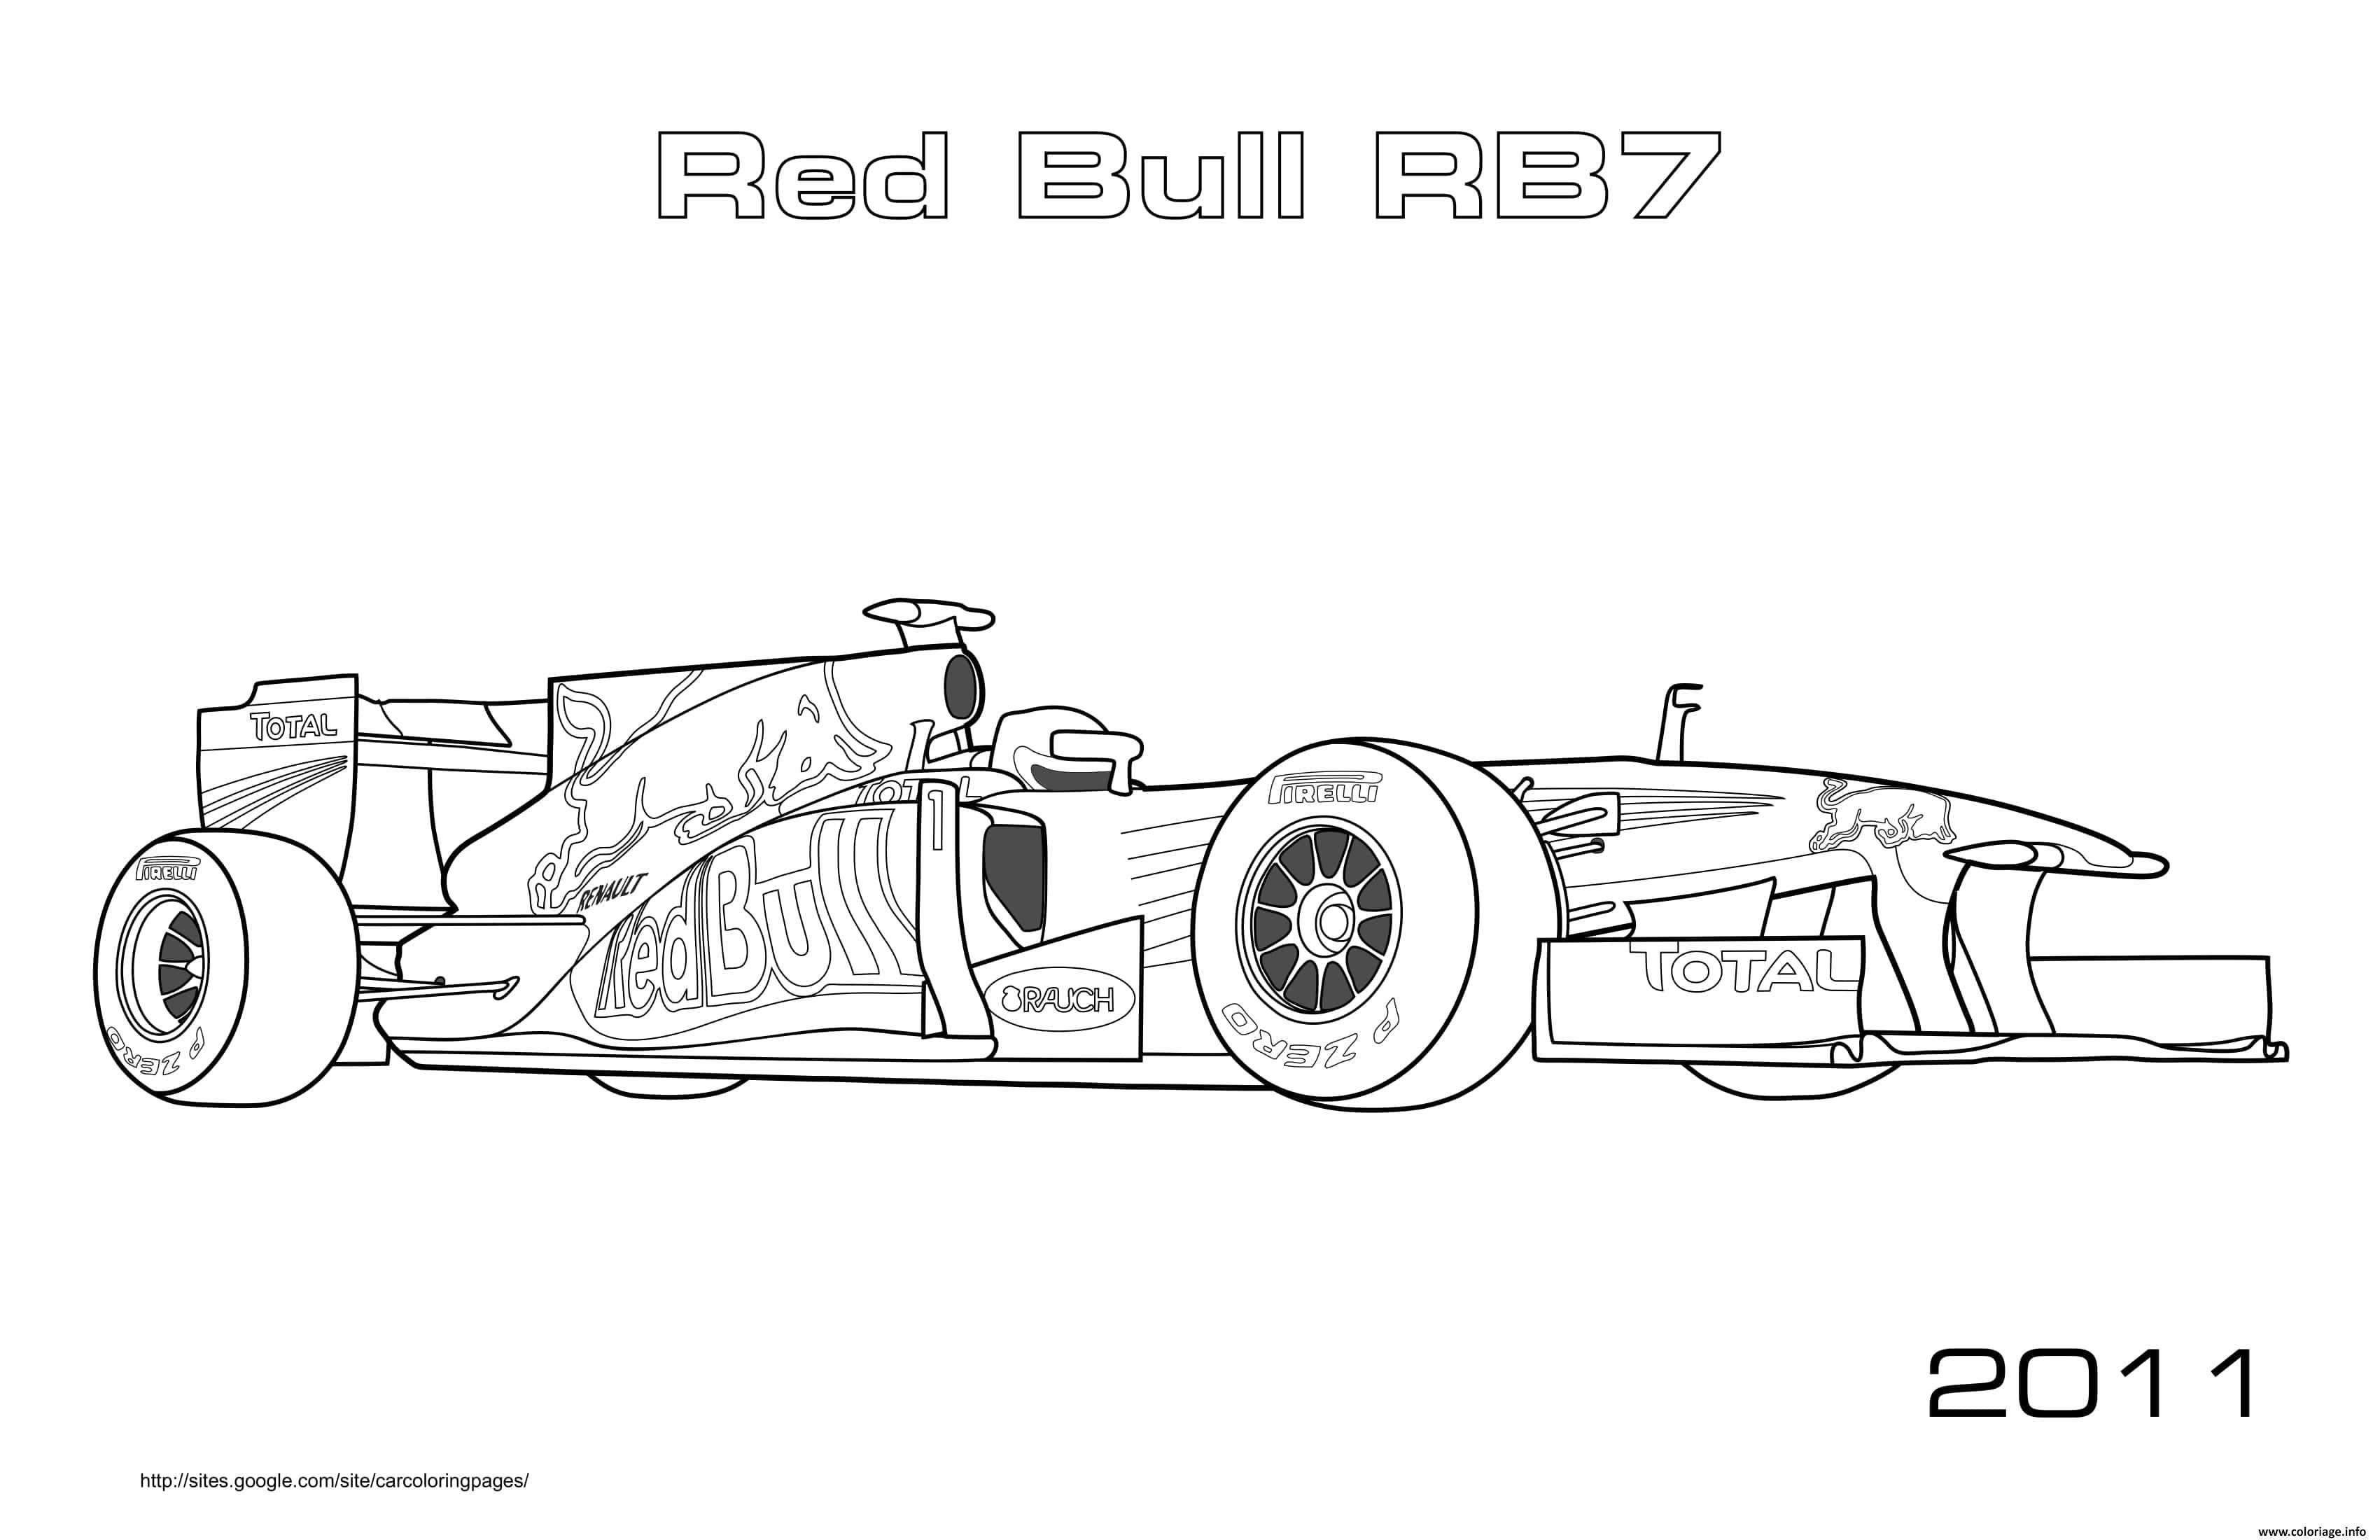 Dessin Sport F1 Red Bull Rb7 2011 Coloriage Gratuit à Imprimer